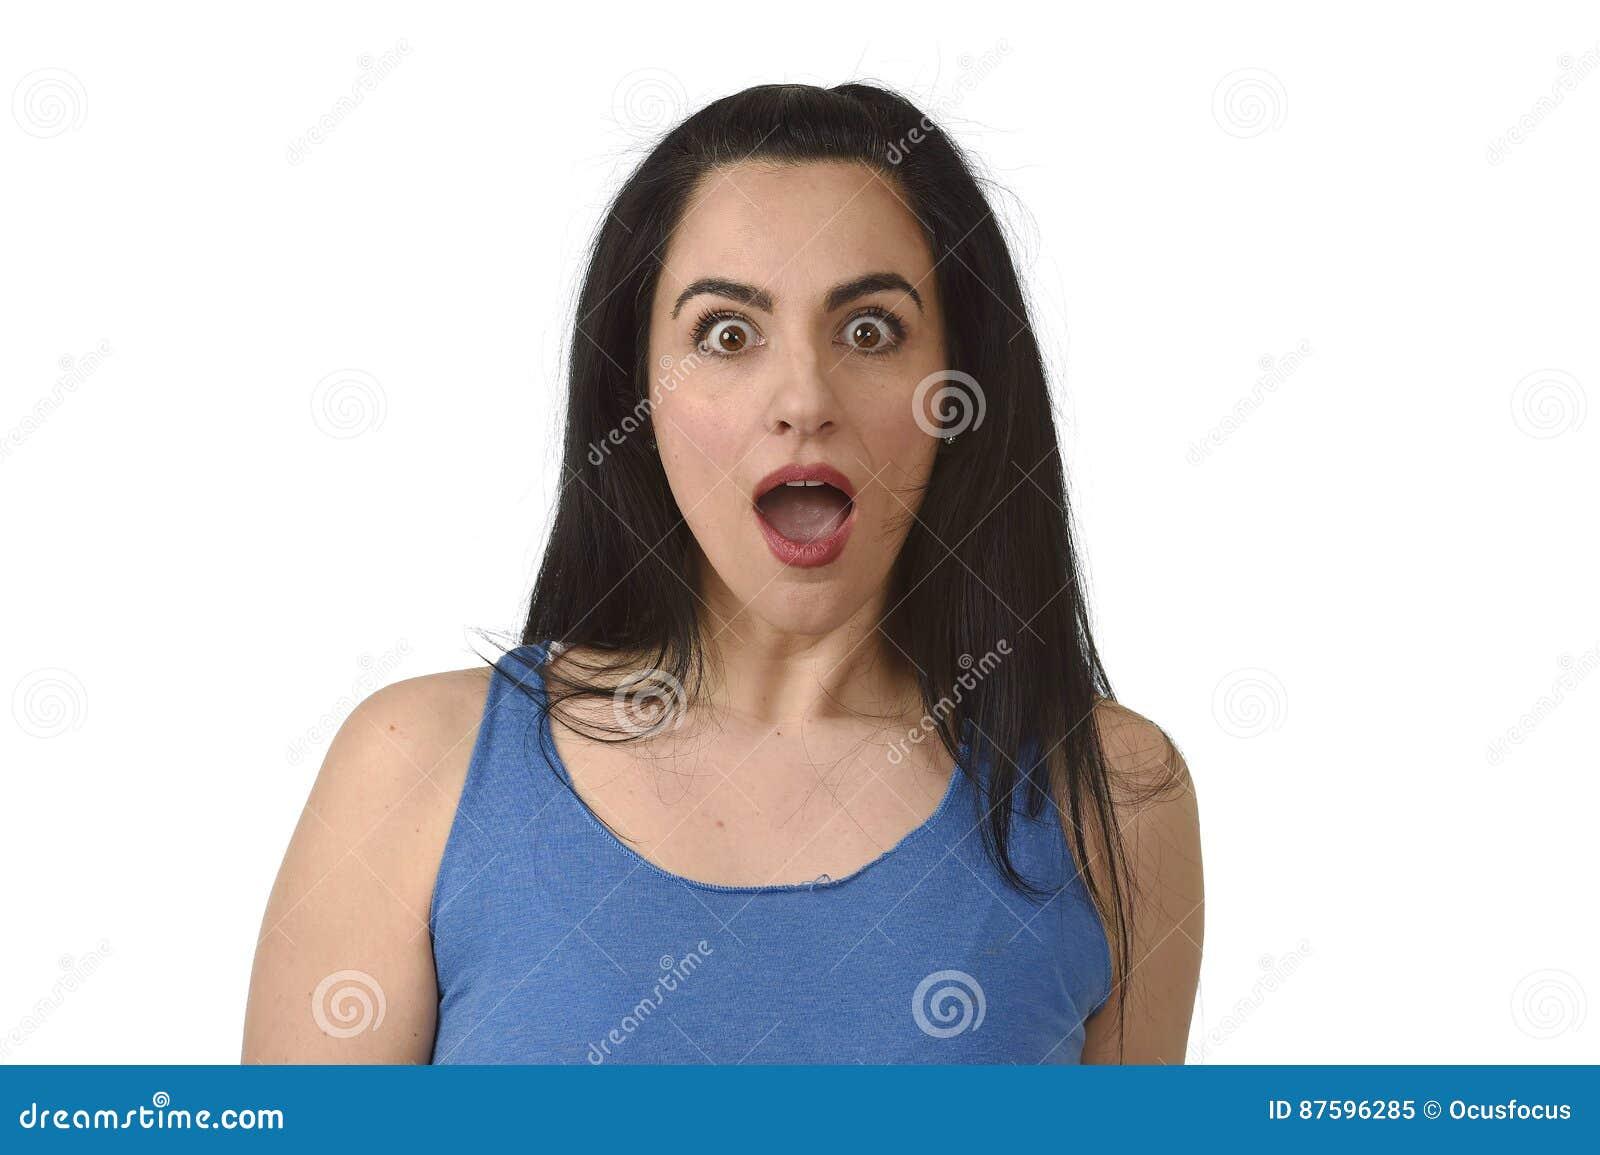 Πορτρέτο της νέας όμορφης ισπανικής γυναίκας που εκπλήσσεται στον κλονισμό και τη δυσπιστία